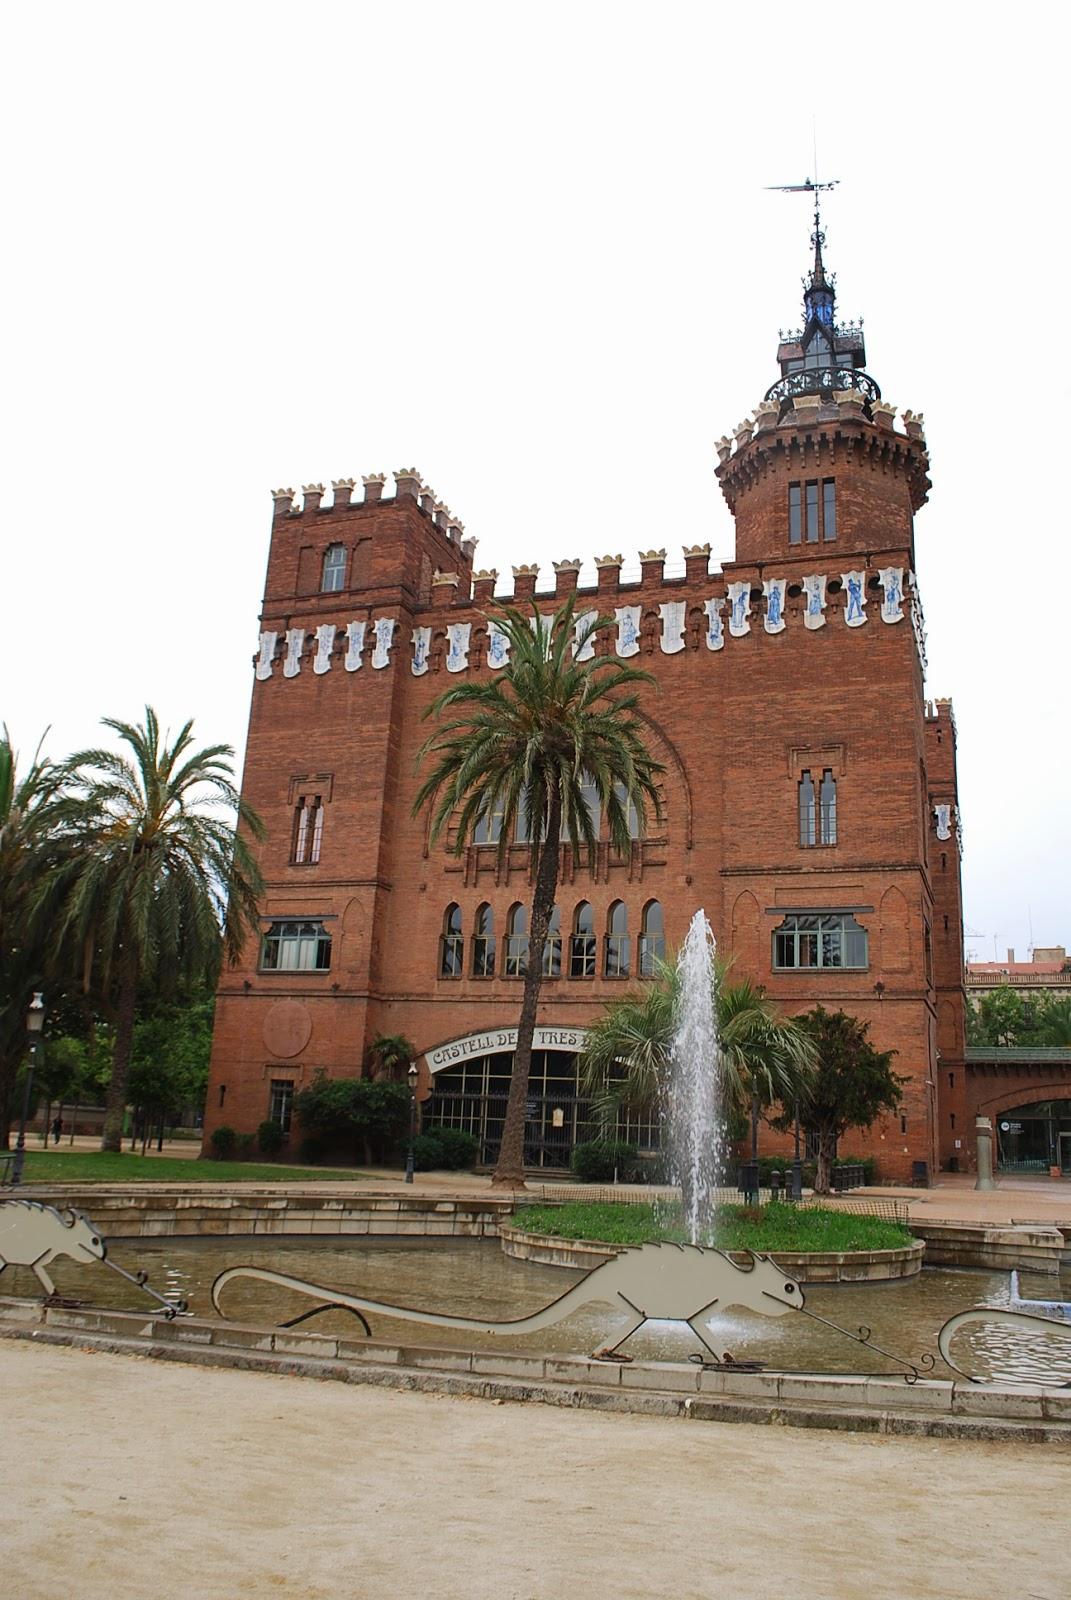 """Зоологический музей, бывший ресторан или замок """"трех драконов"""". Парк Цитадели (Сьютаделья, Ciutadella), Барселона, Каталония, Испания. Parc de la Ciutadella, Barcelona, Catalonia, Spain"""